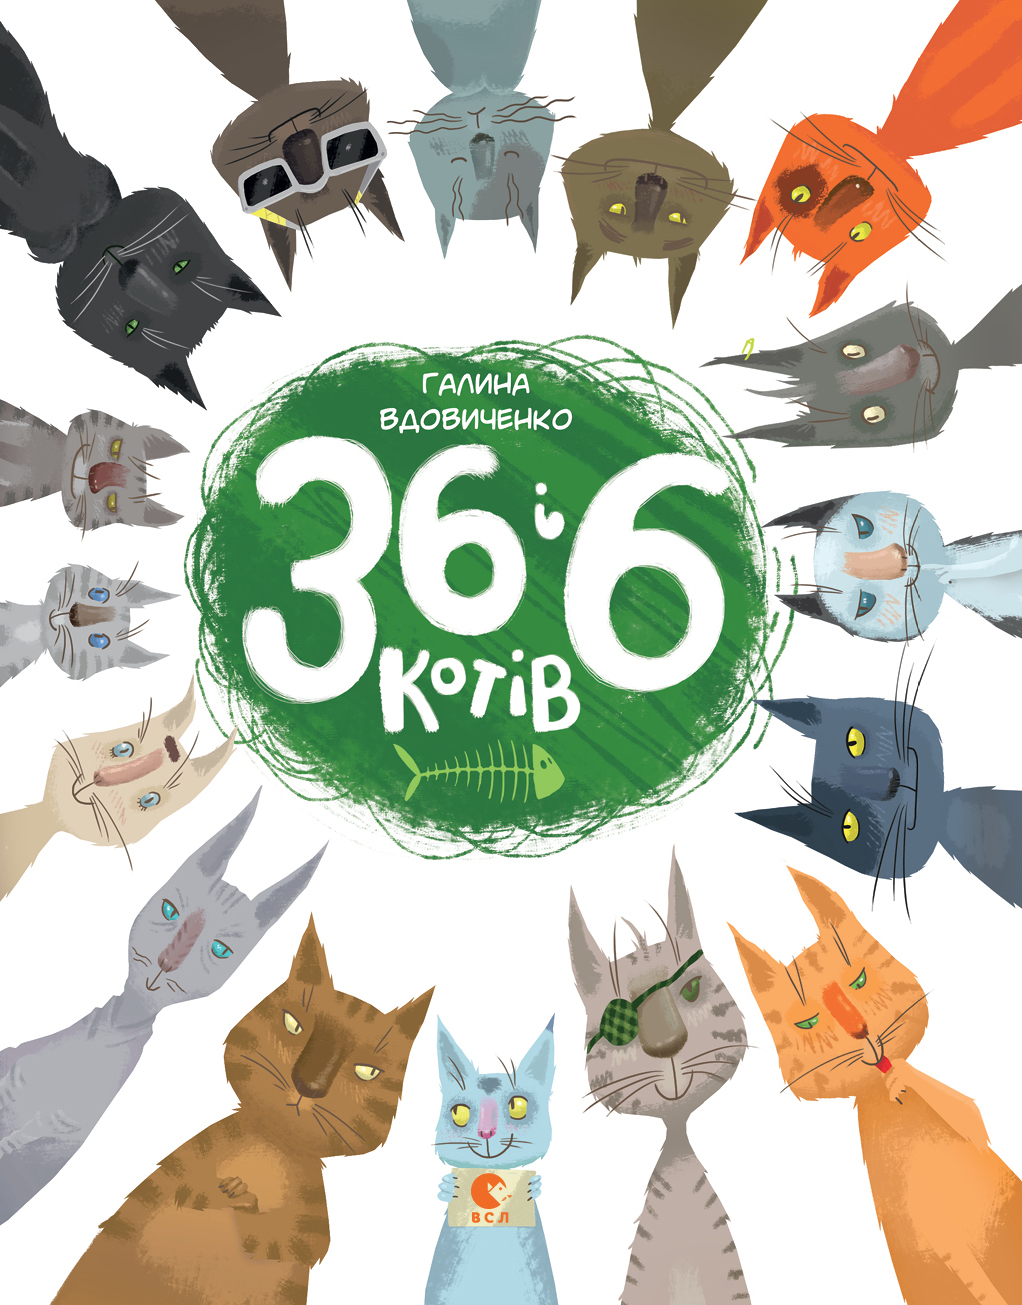 Галина Вдовиченко 36 і 6 котів